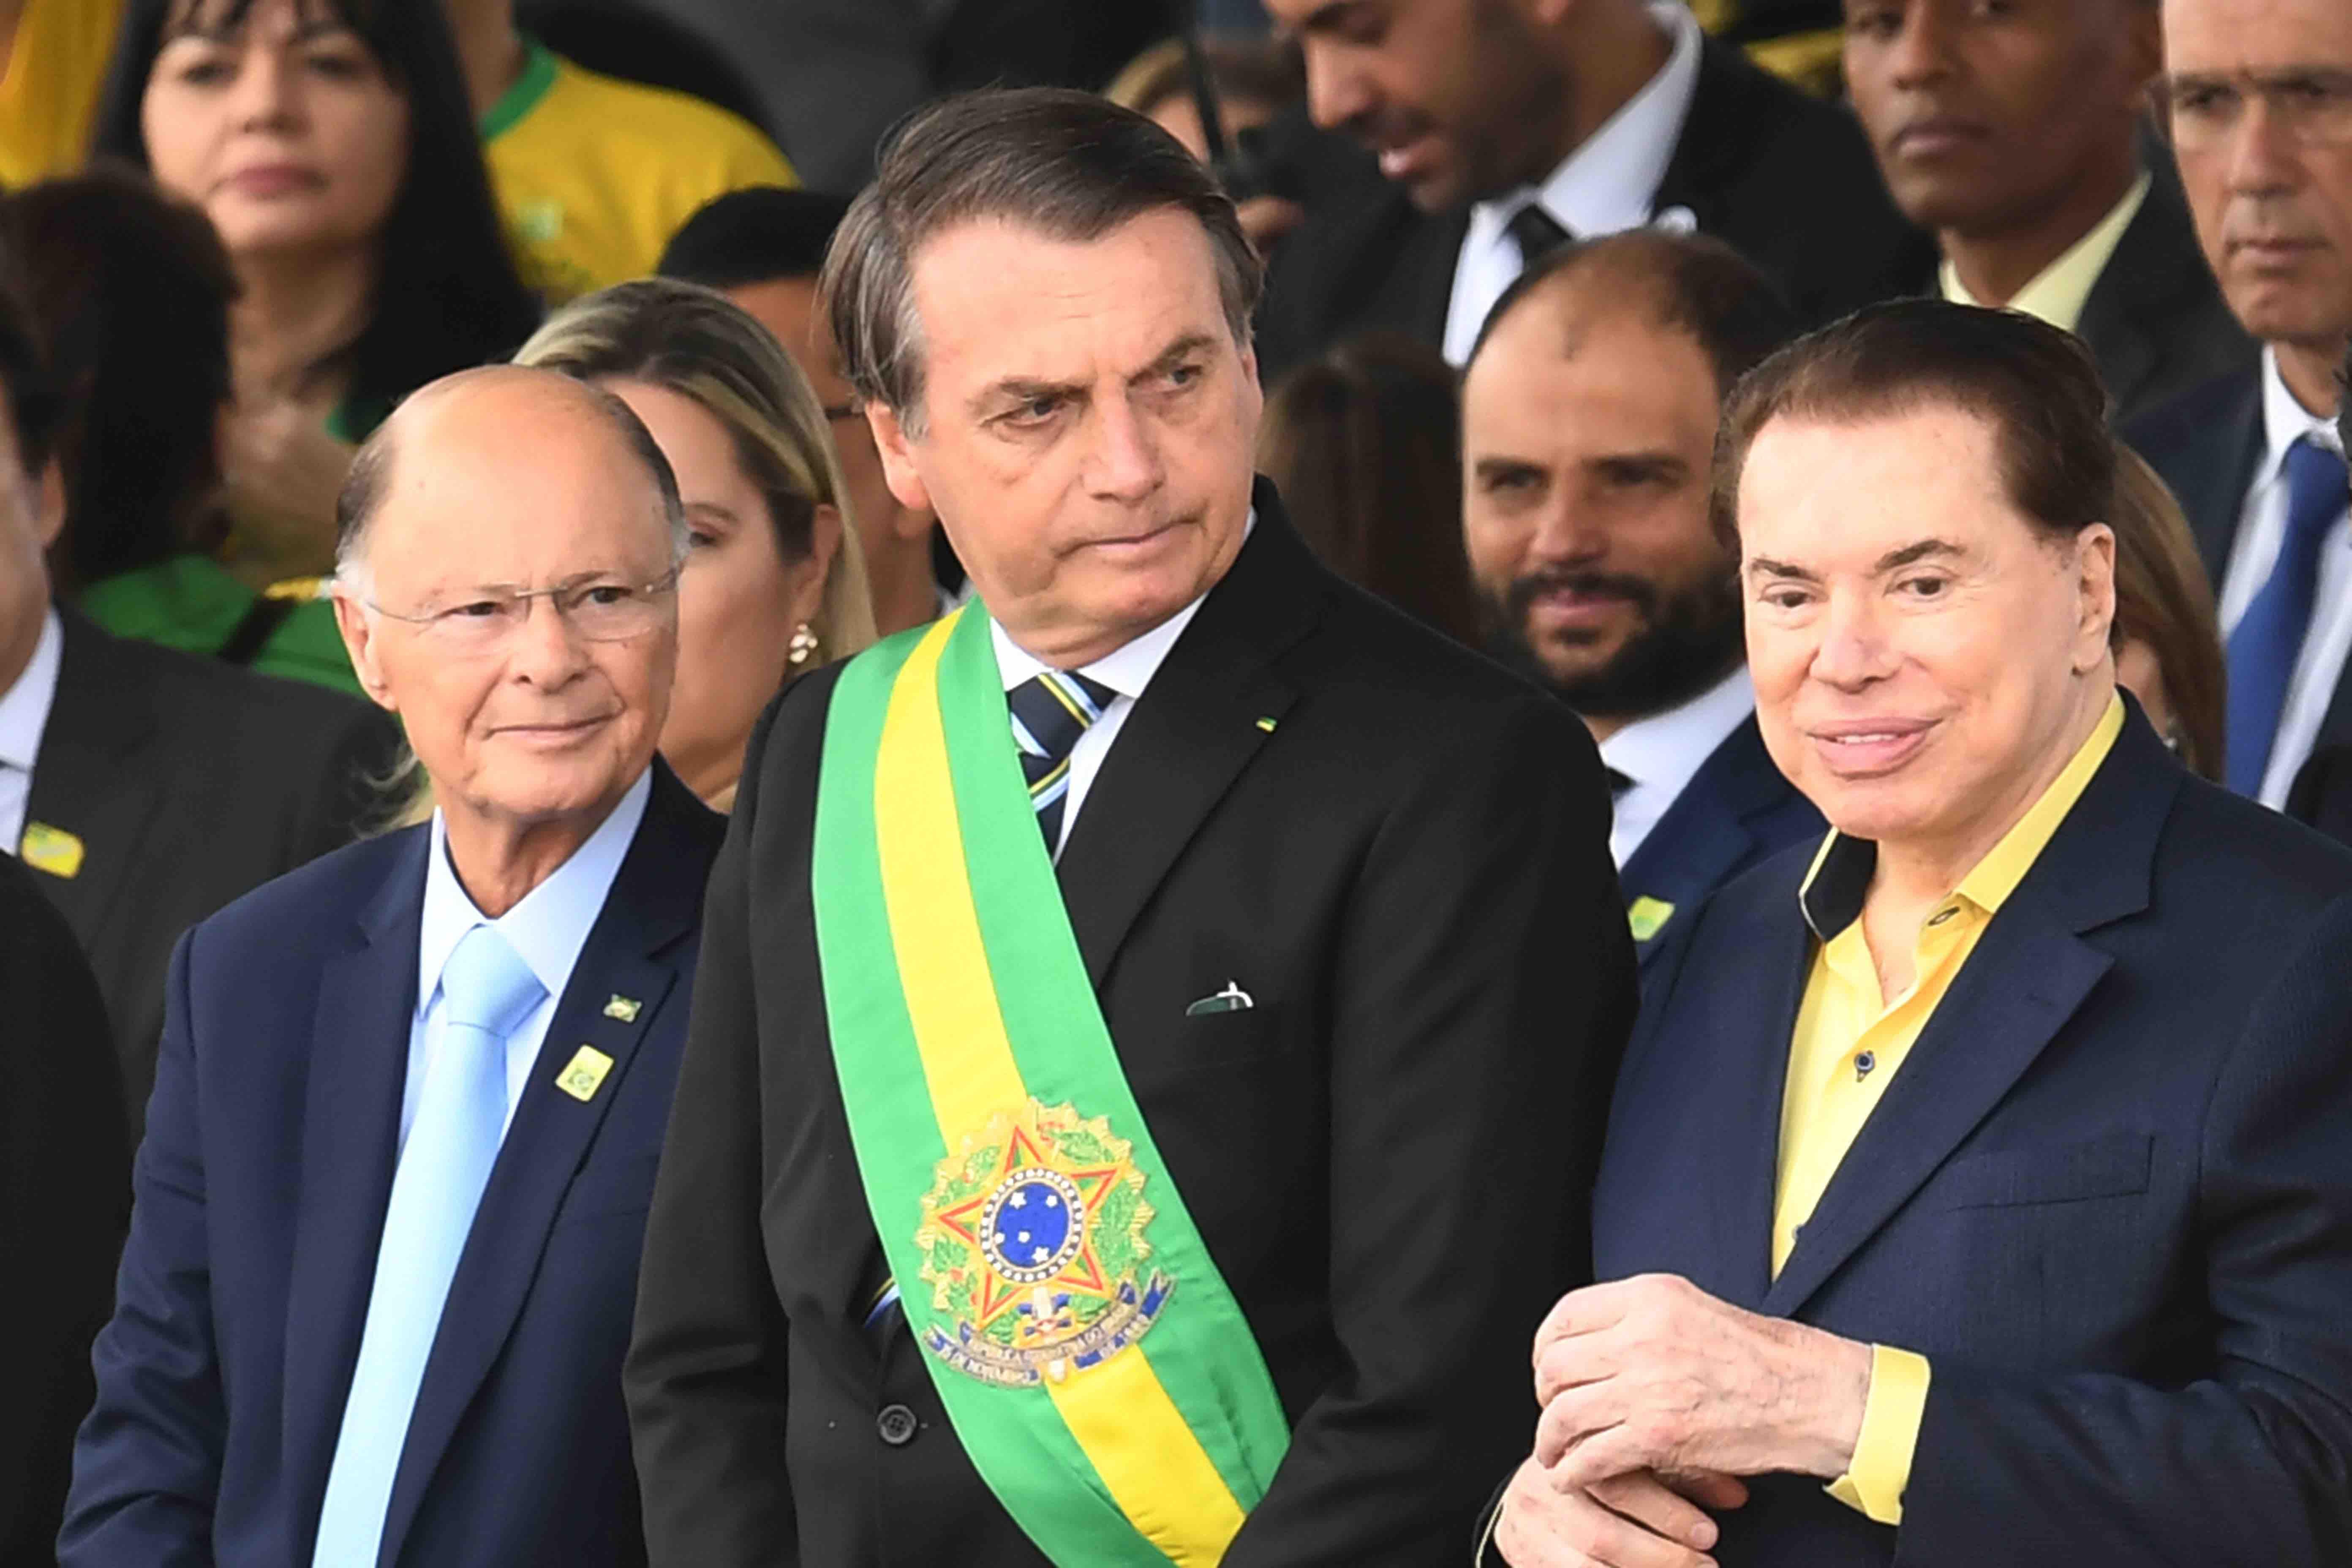 Silvio Santos, dono do SBT, Edir Macedo, dono da Rede Record e presidente Jair Bolsonaro assistem desfile de 7 de Setembro lado a lado em Brasília.